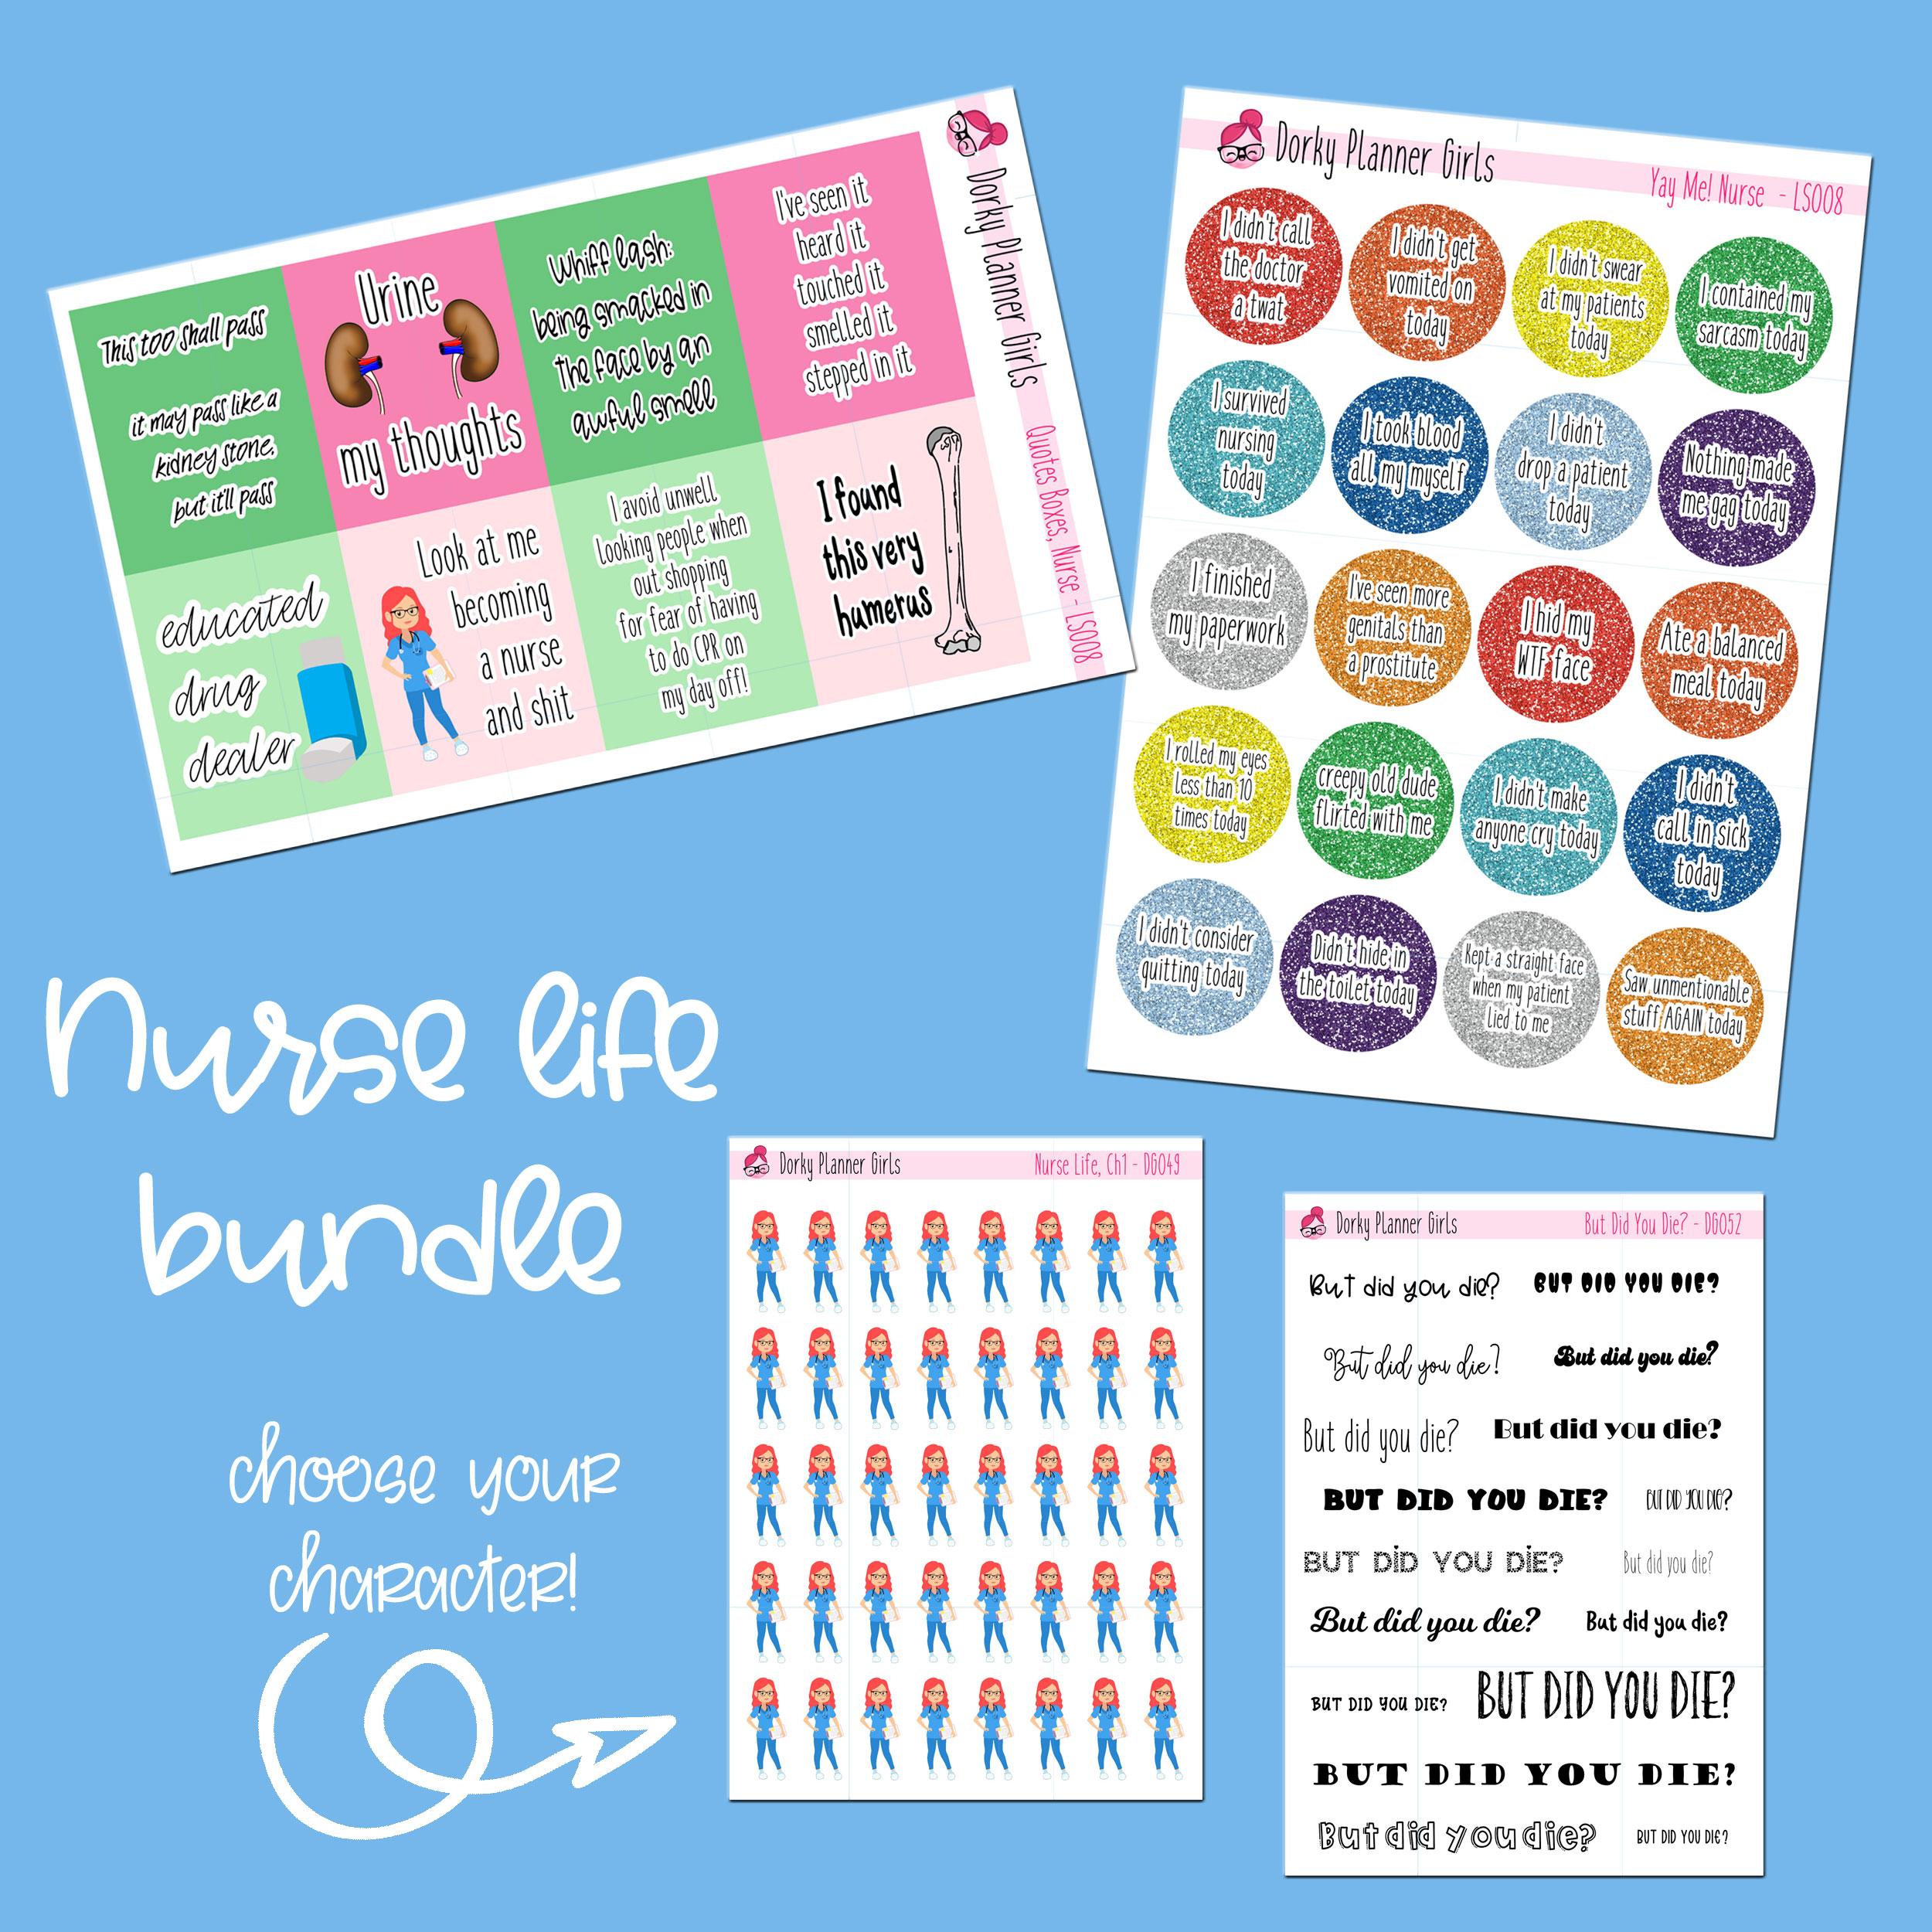 nursebundle